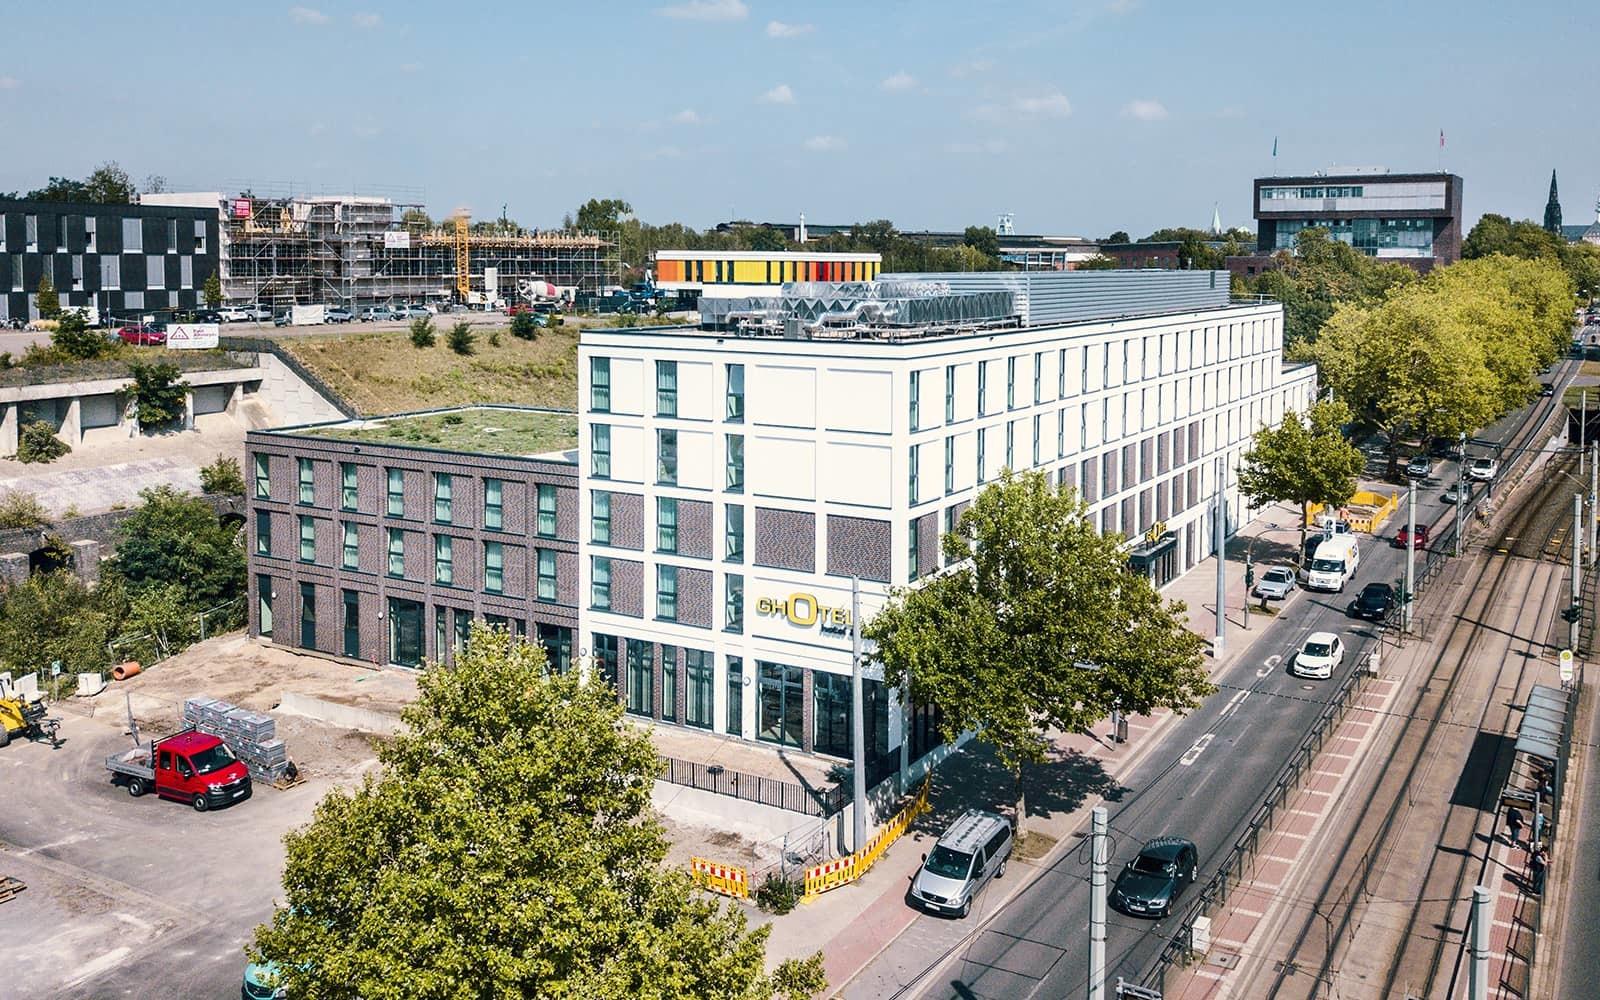 Ghotel Bochum